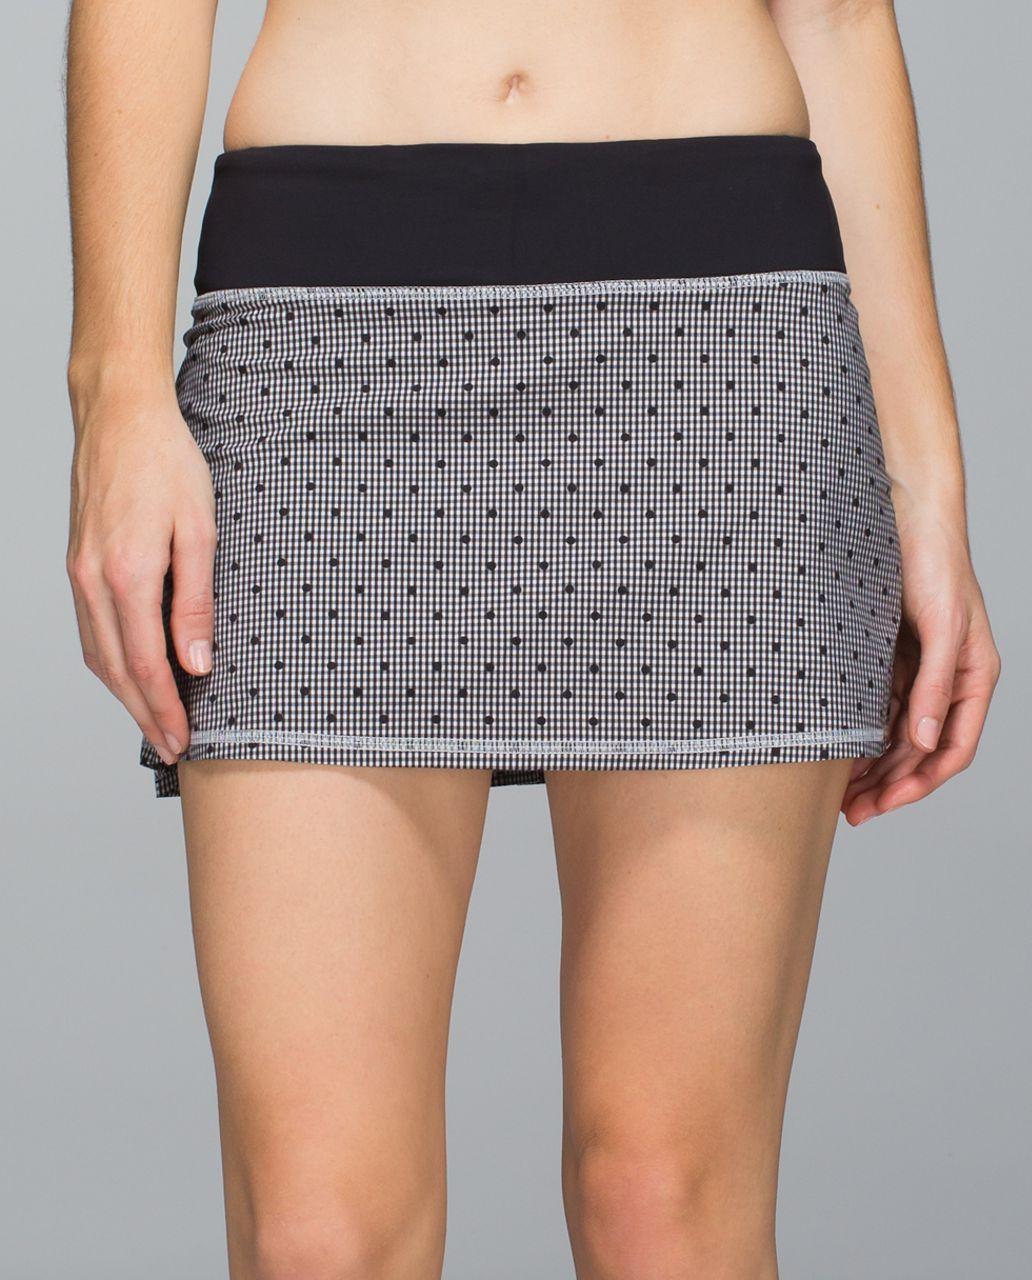 Lululemon Run:  Pace Setter Skirt *2-way Stretch (Regular) - Dottie Eighth Gingham White Black / Black